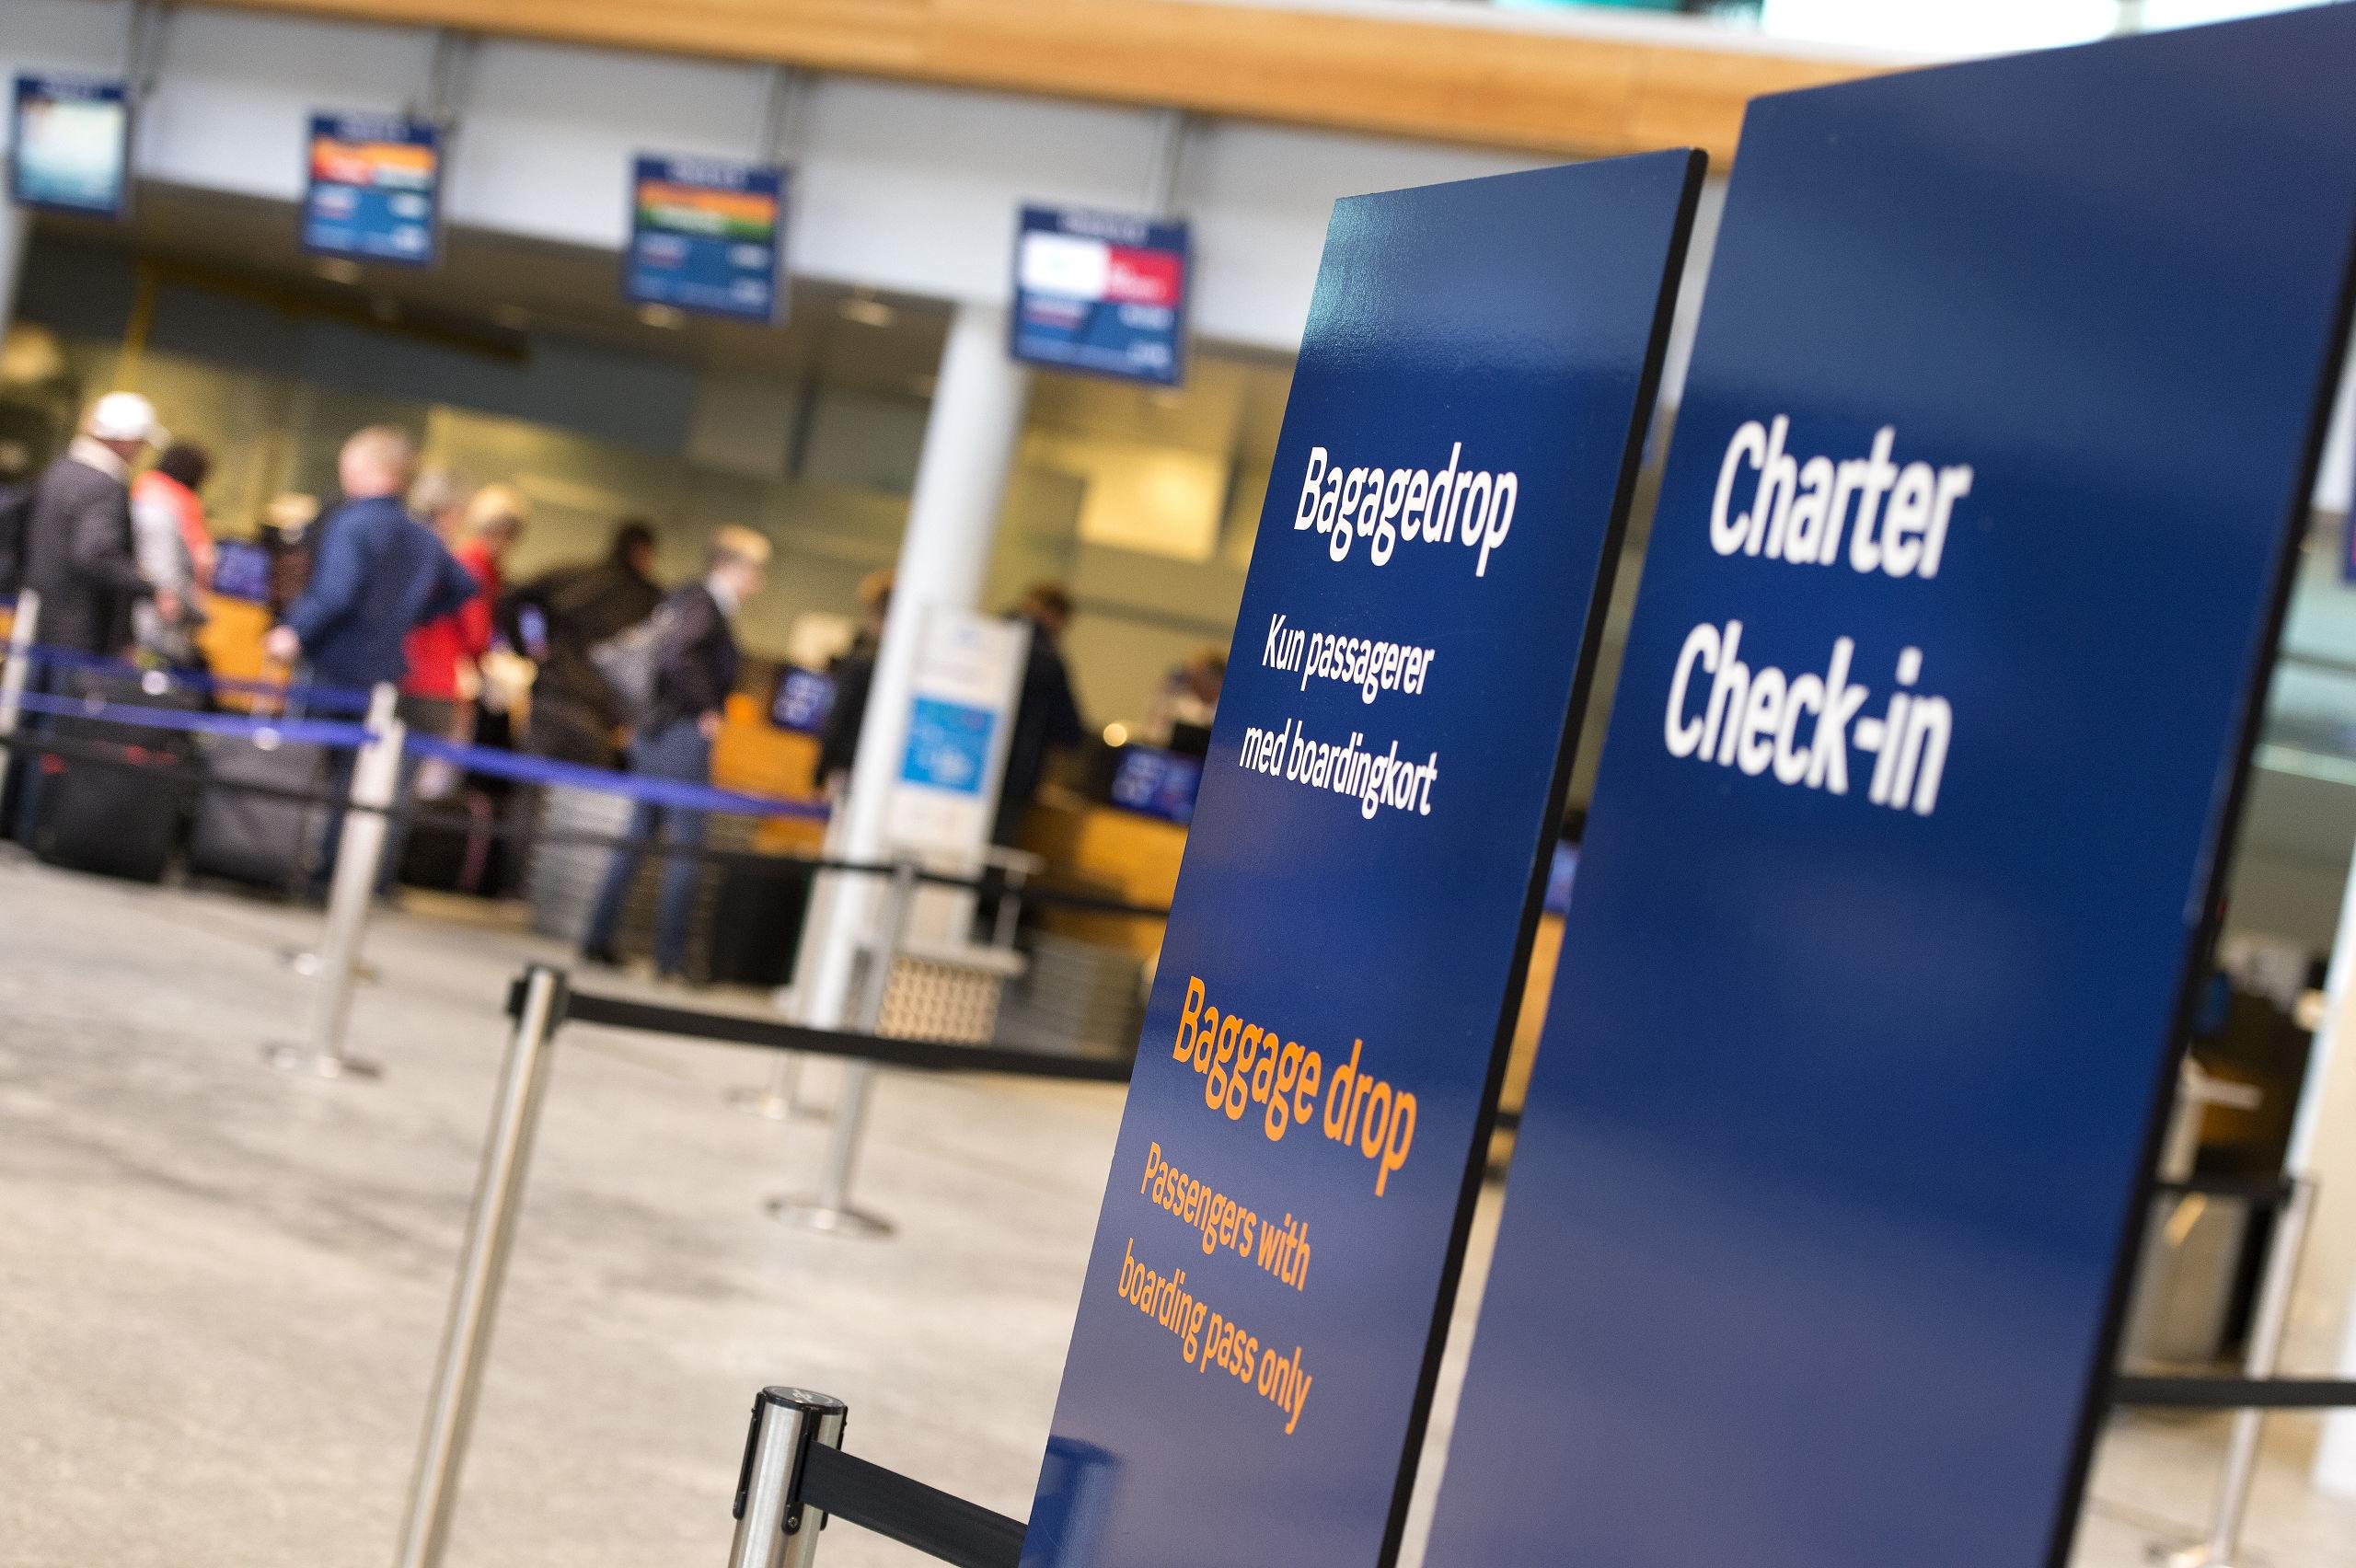 Nyt flyselskab åbner nye fede destinationer fra Aalborg